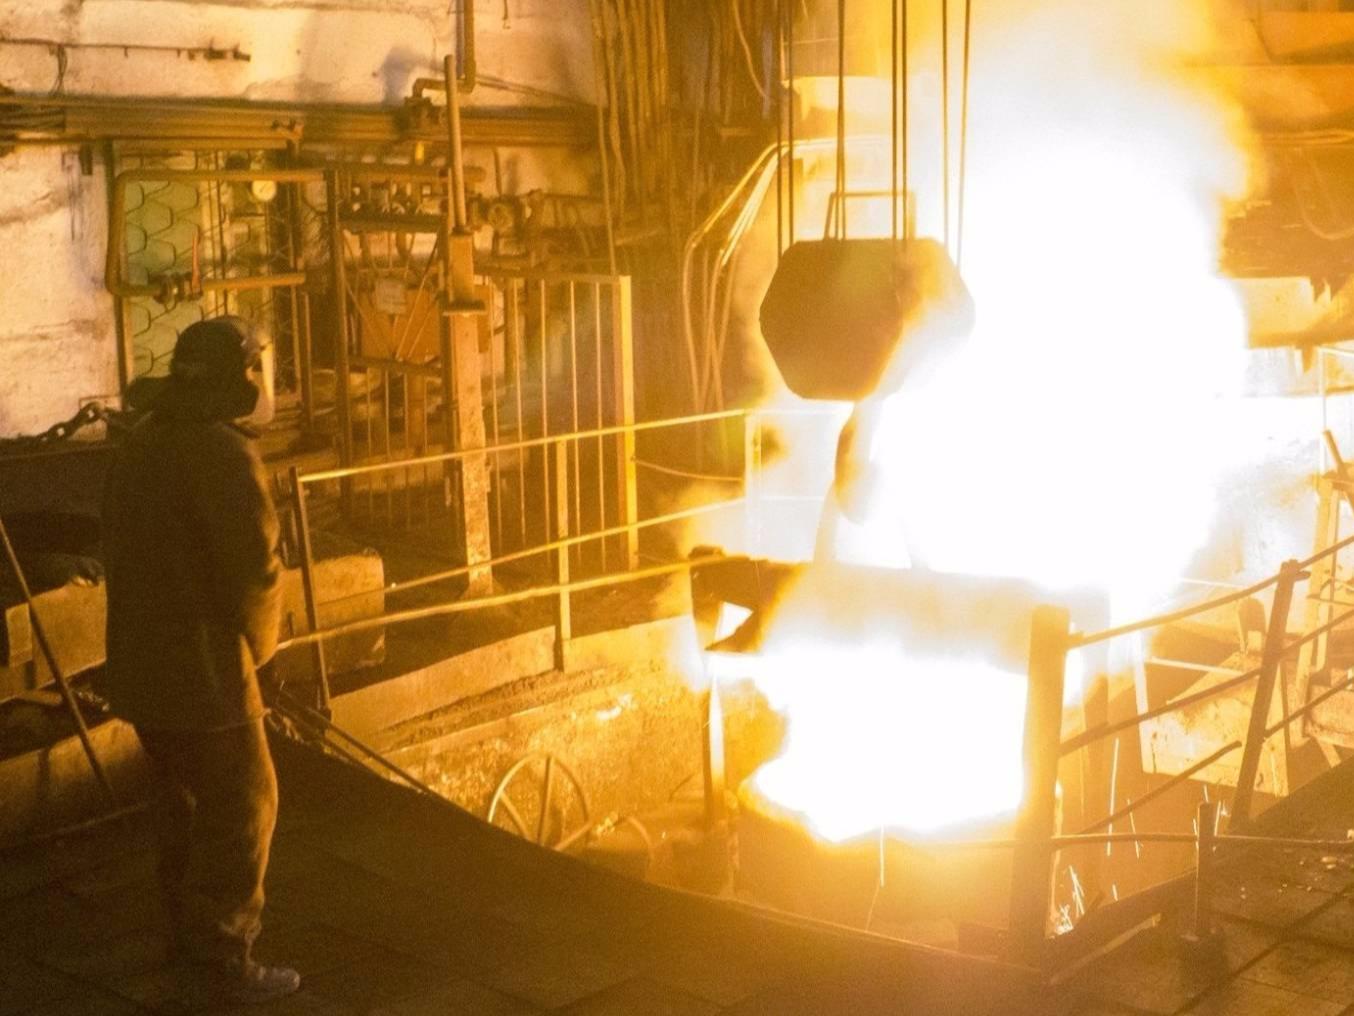 При возгорании на Керченском металлургическом заводе пострадал рабочий